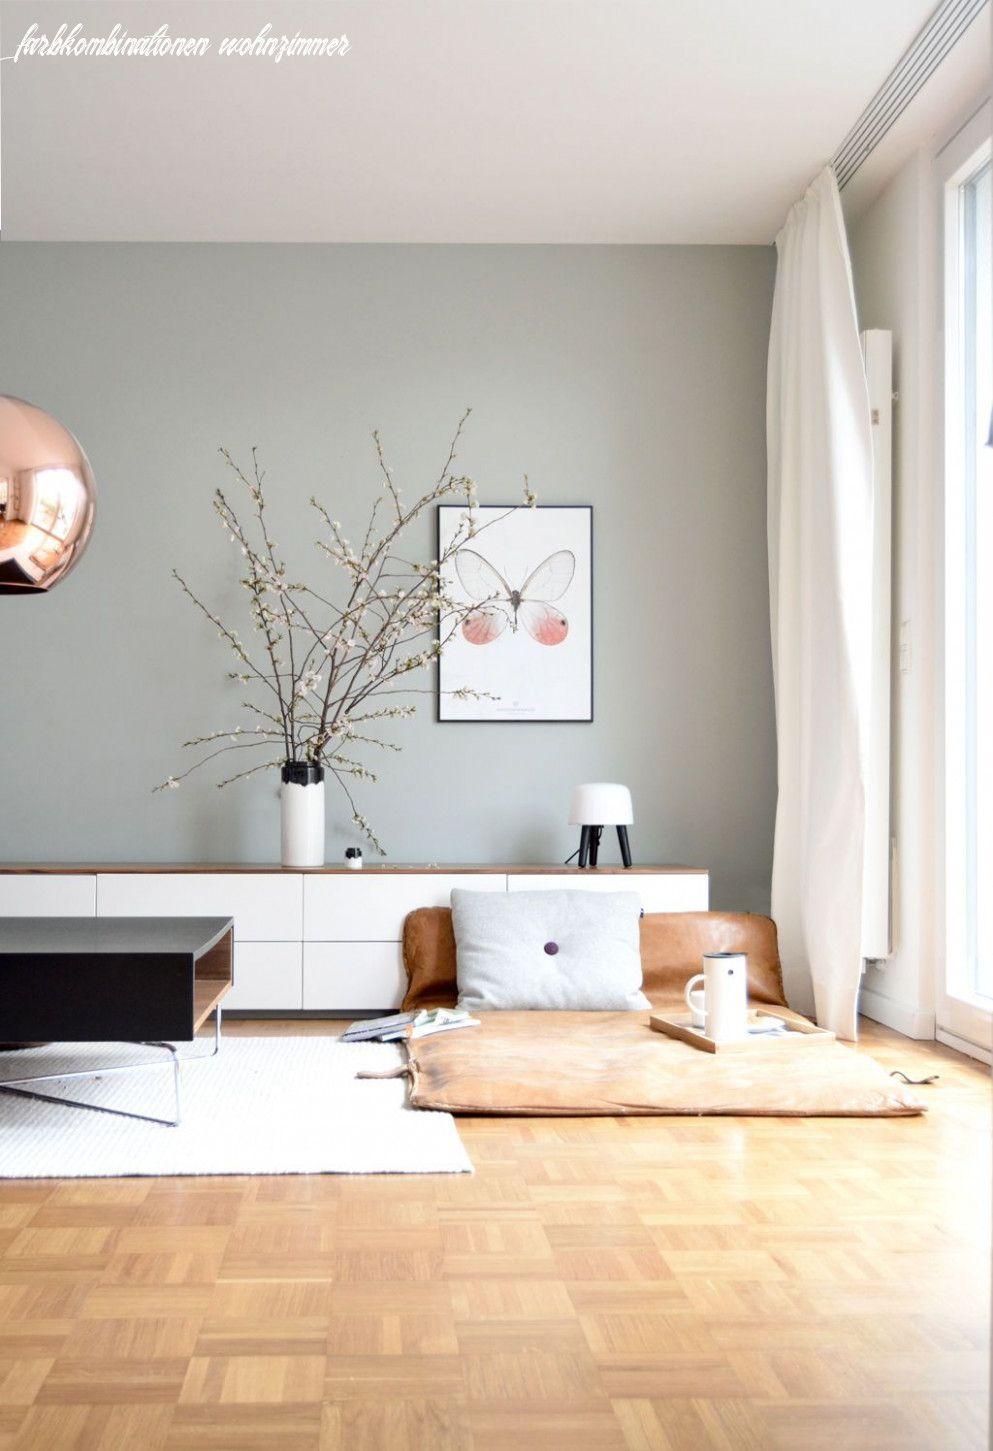 Hier Ist, Was Die Leute über Farbkombinationen Wohnzimmer Sagen in